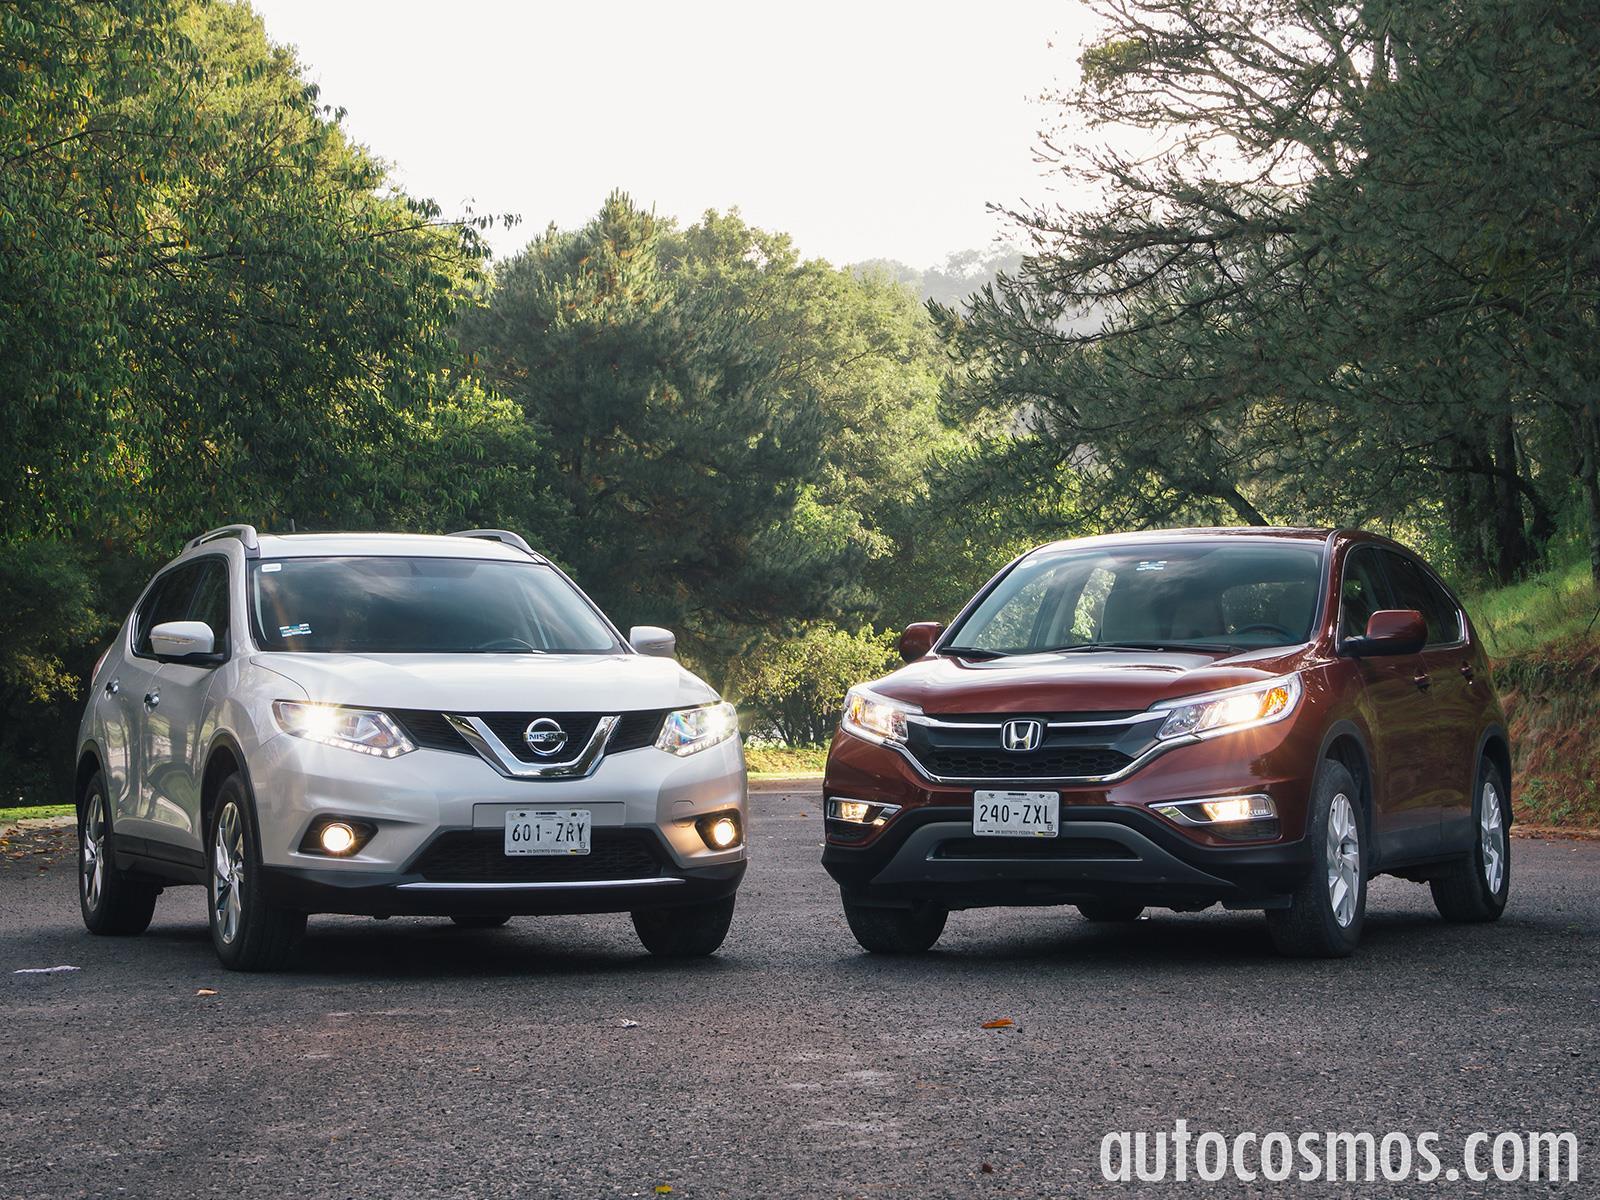 Comparativa: Honda CR-V vs Nissan X-Trail 2015 - Autocosmos.com